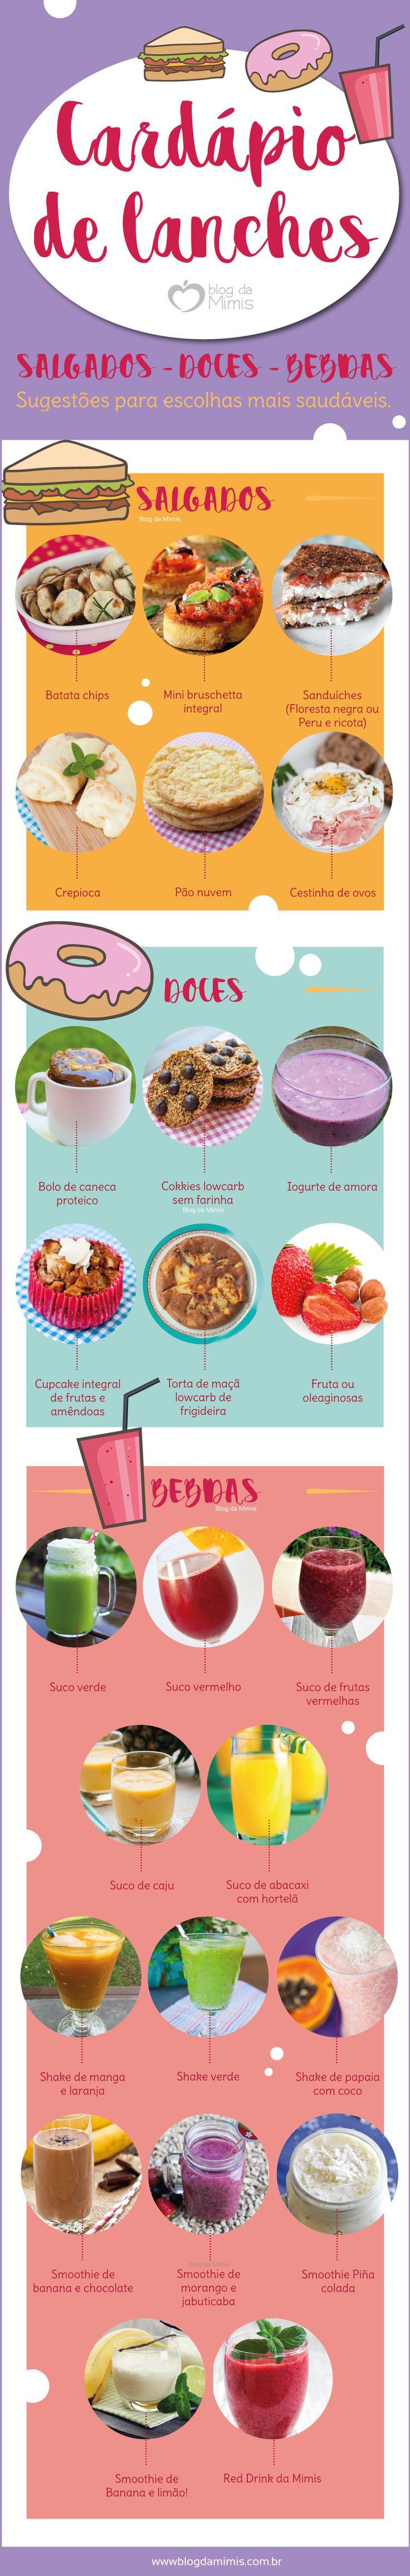 Escolher o lanche certo para comer nos intervalos das refeições principais é crucial para manter uma rotina saudável e obter resultados positivos na dieta de emagrecimento. Mas é nessa hora que vem a dúvida, afinal, o que comer para saciar…